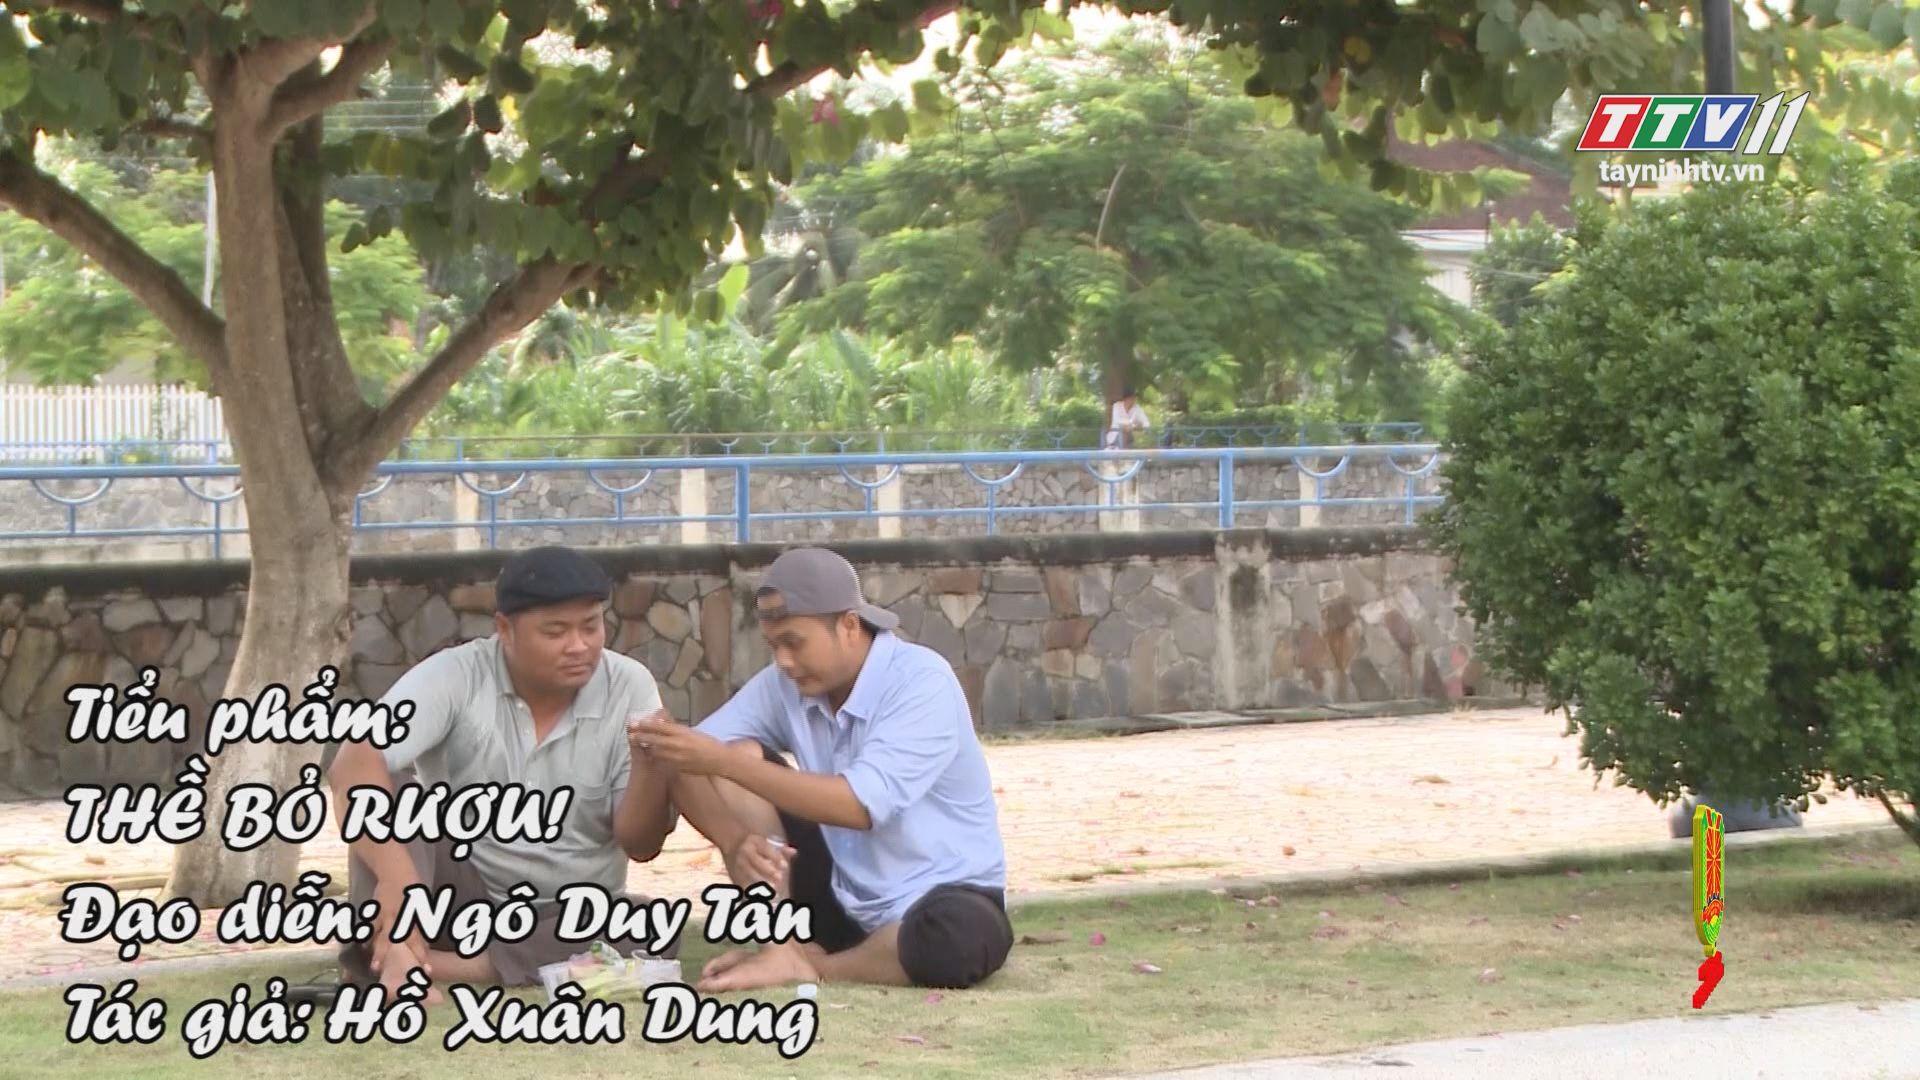 Thề bỏ rượu | VĂN HÓA GIAO THÔNG | TayNinhTV